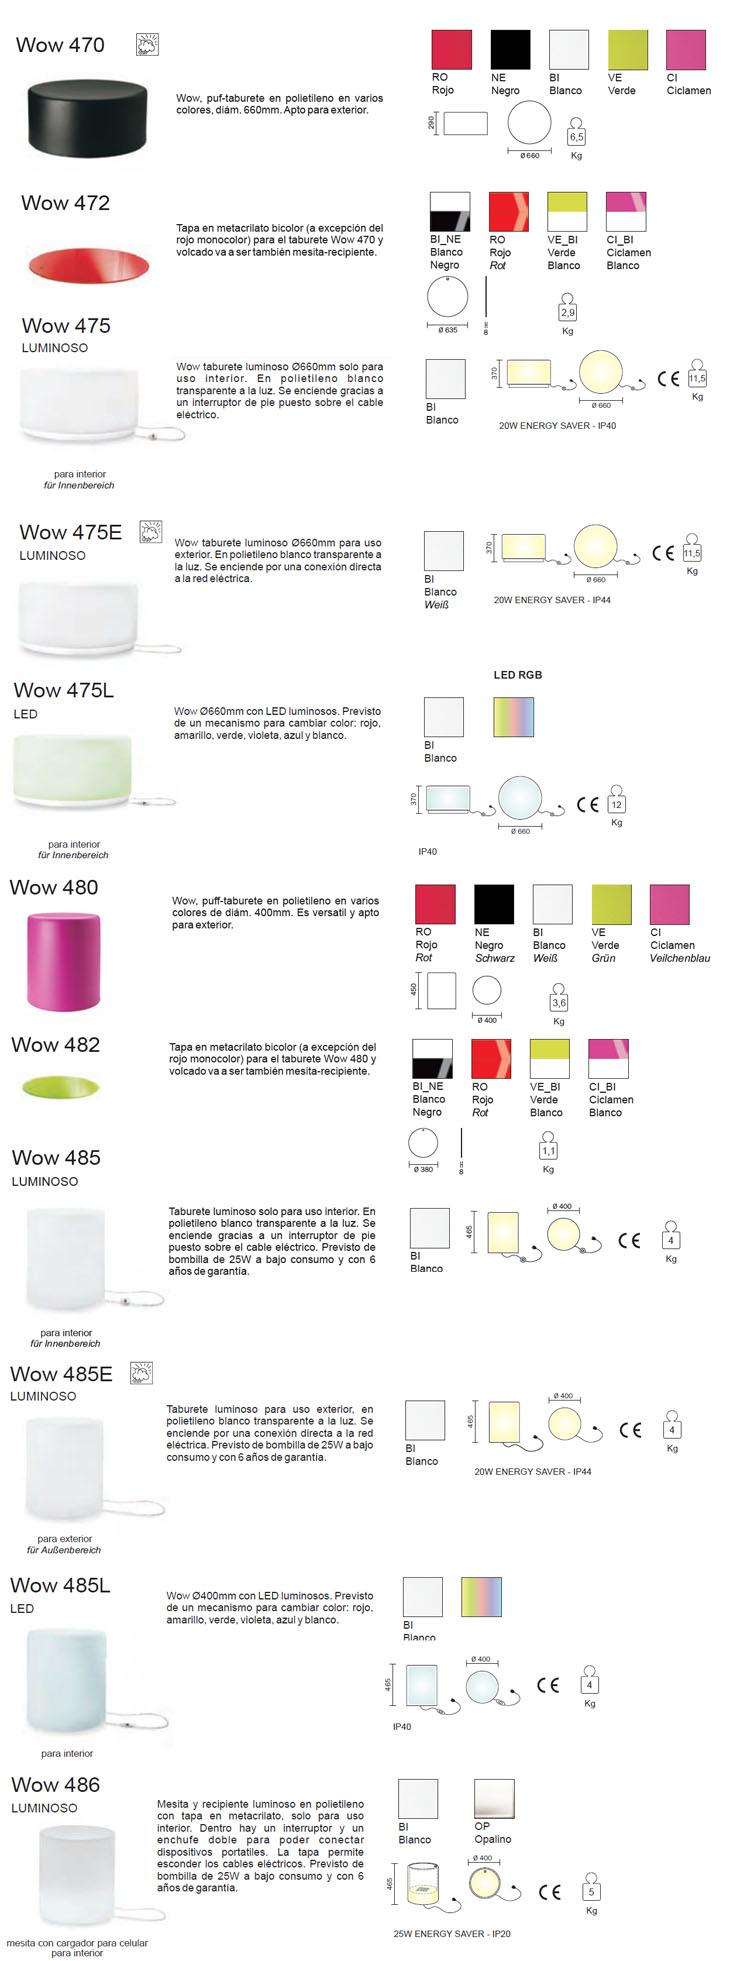 Medidas, colores y detalles de los modelos Wow de Pedrali